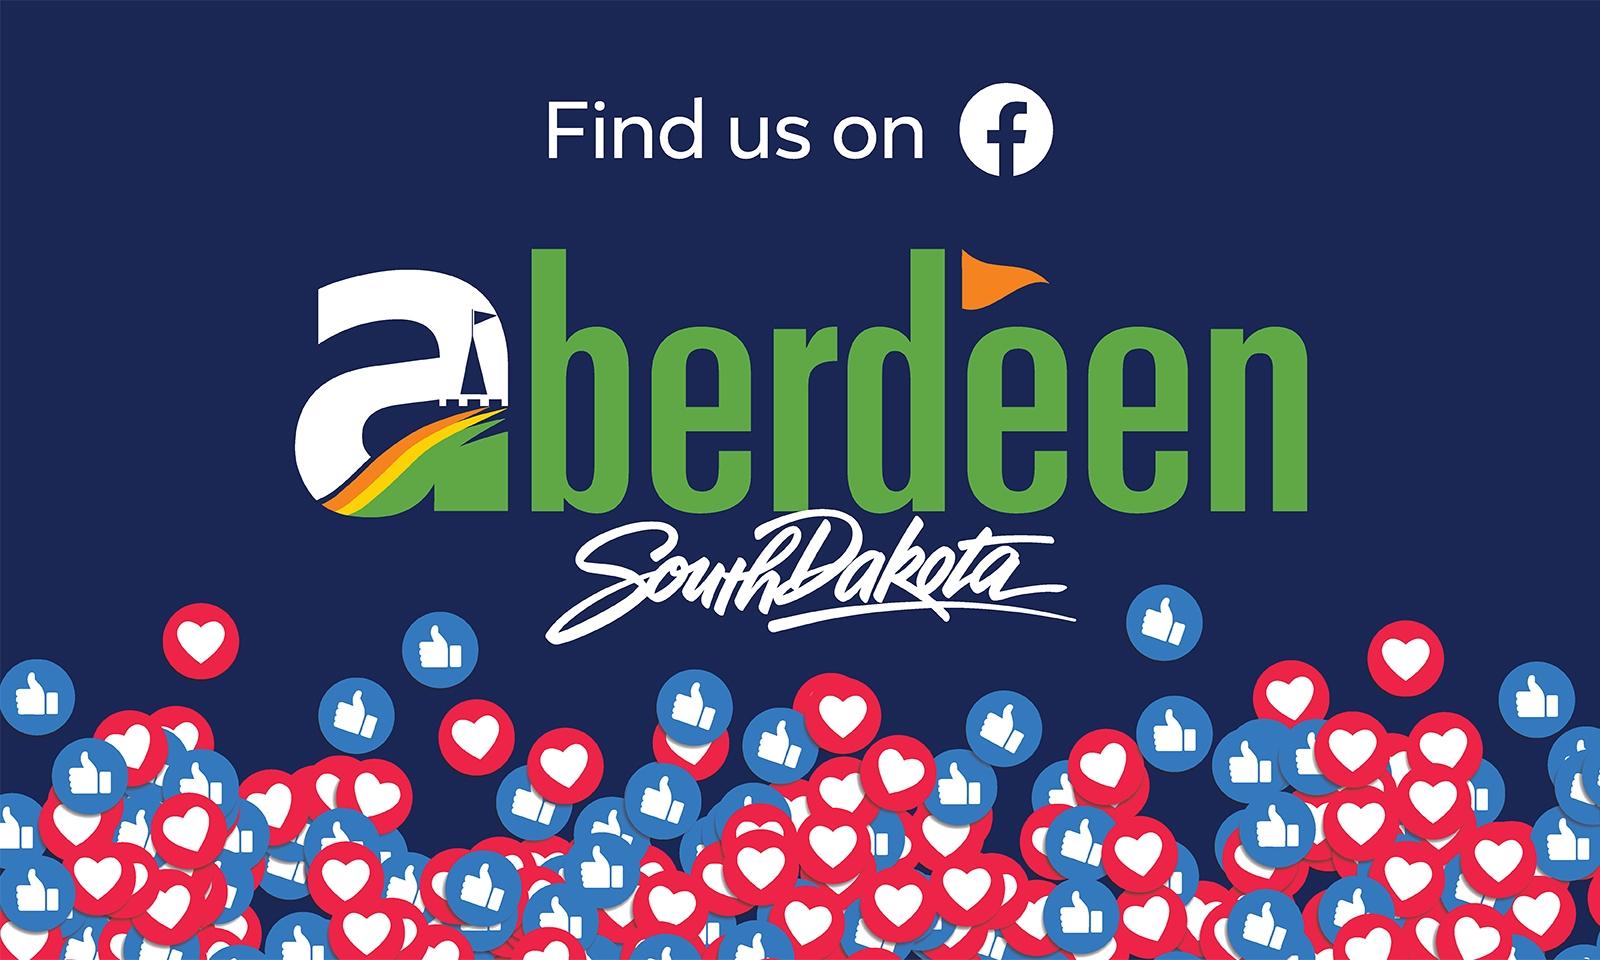 Aberdeen Social Media